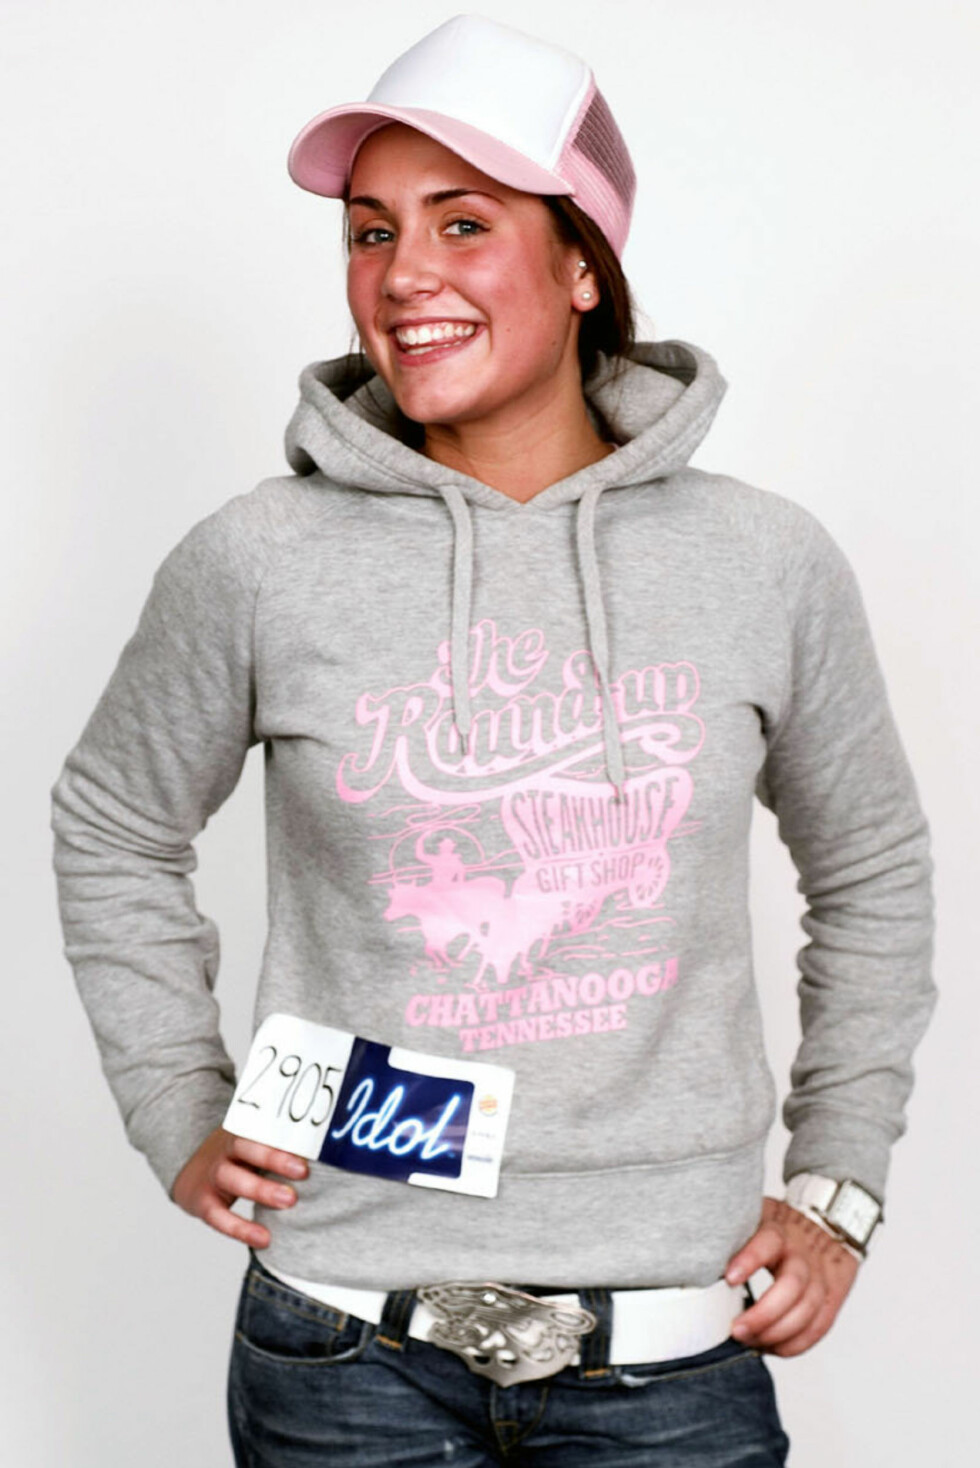 FREMDELES UKJENT: Tone var 17 år da hun spent stilte på audition for Idol i 2005. Lite visste hun den gang at eventyret skulle forandre livet hennes totalt.